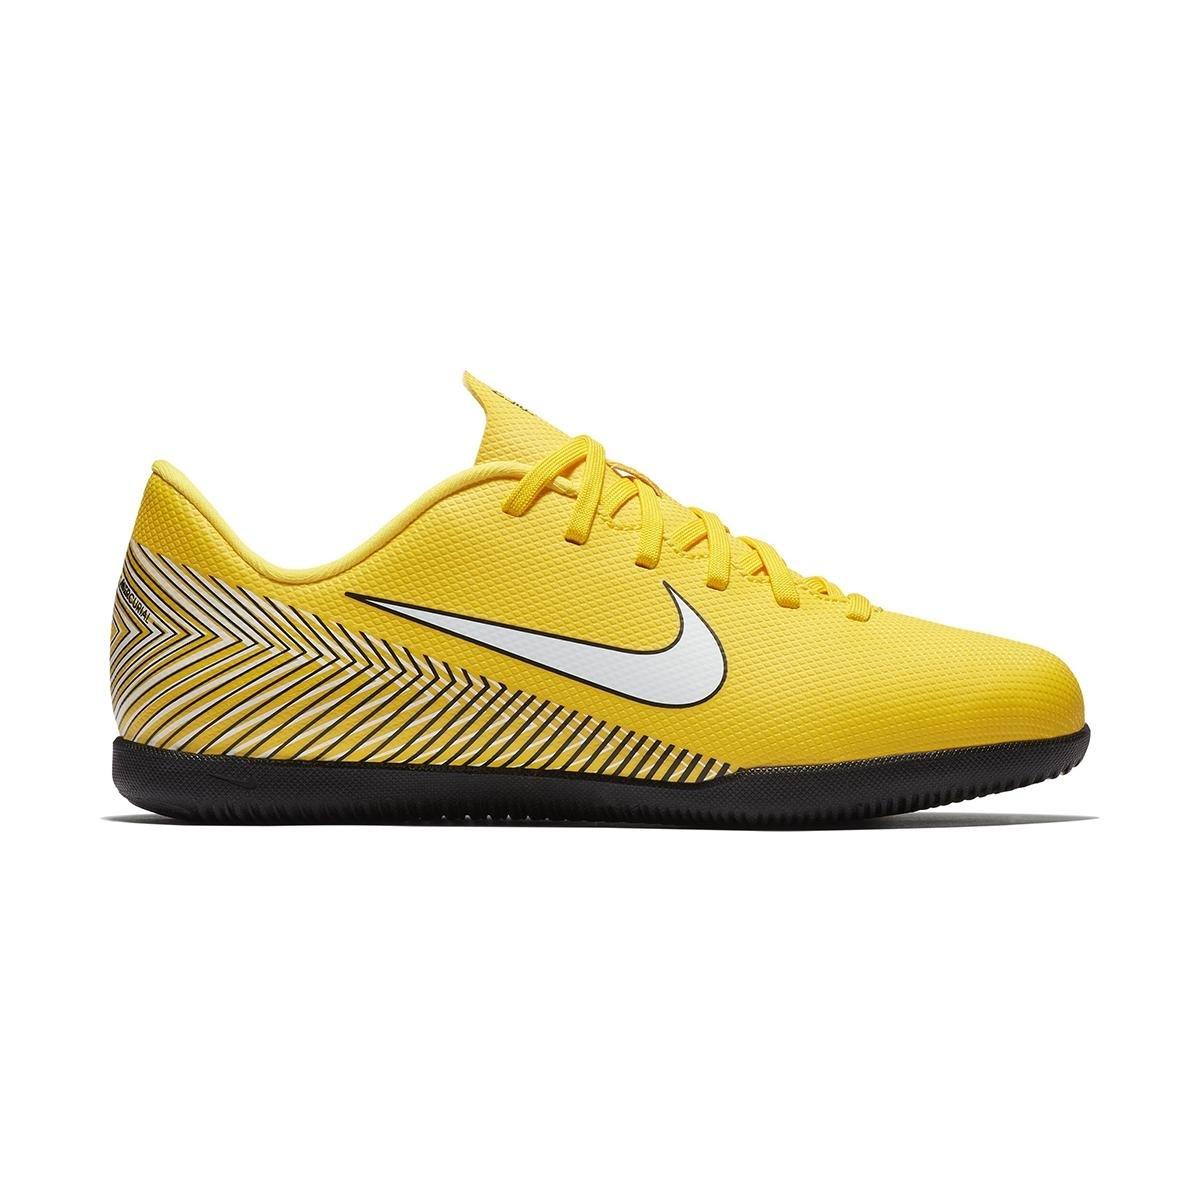 size 40 5d19f 260f8 NIKE Unisex-Kinder Jr Vapor 12 Club Gs NJR Ic Futsalschuhe,: Amazon.de:  Schuhe & Handtaschen